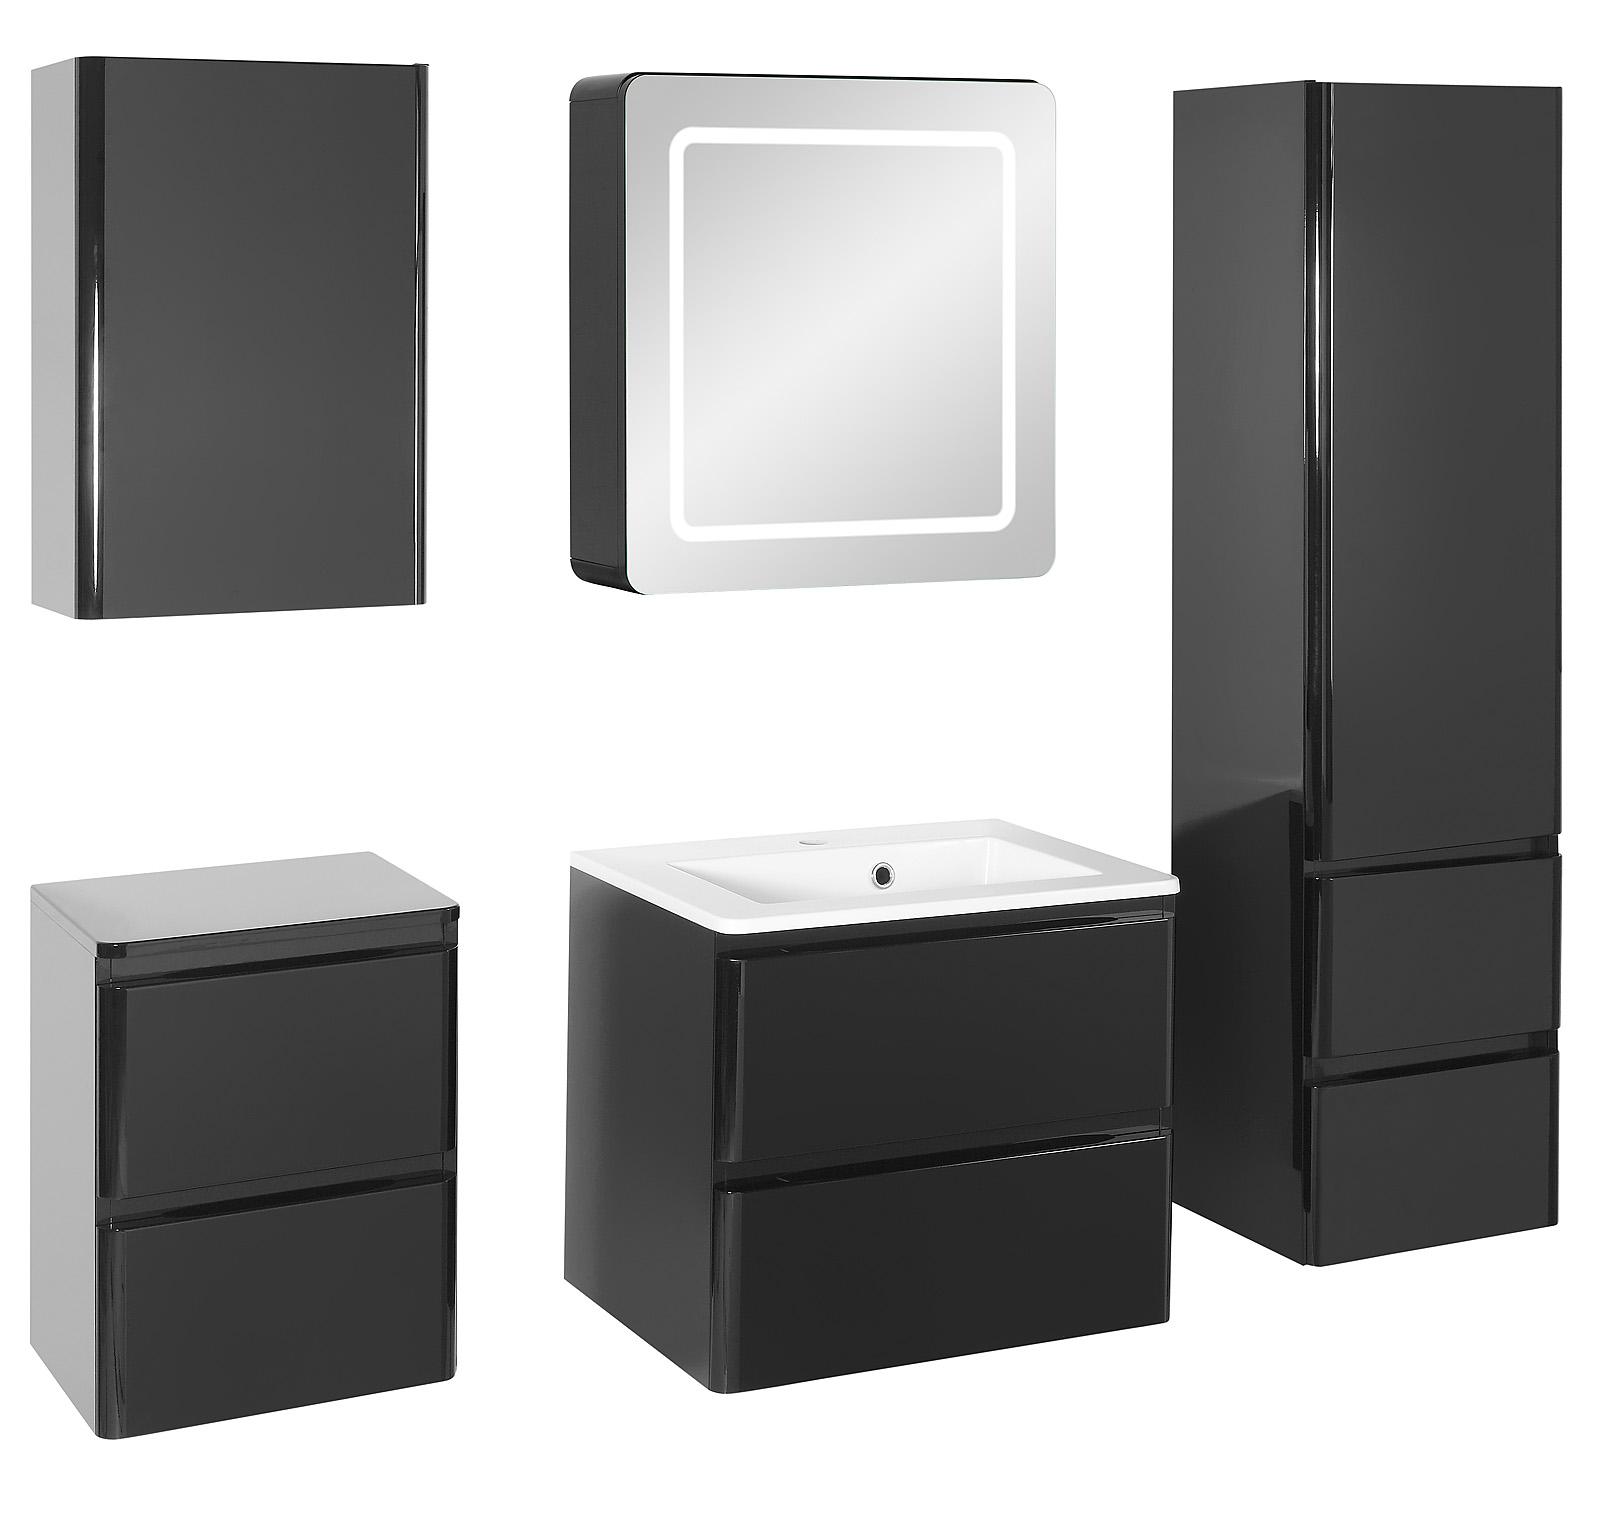 Badezimmer-Set MAJA large in schwarz hochglanz Badmöbel Set ...